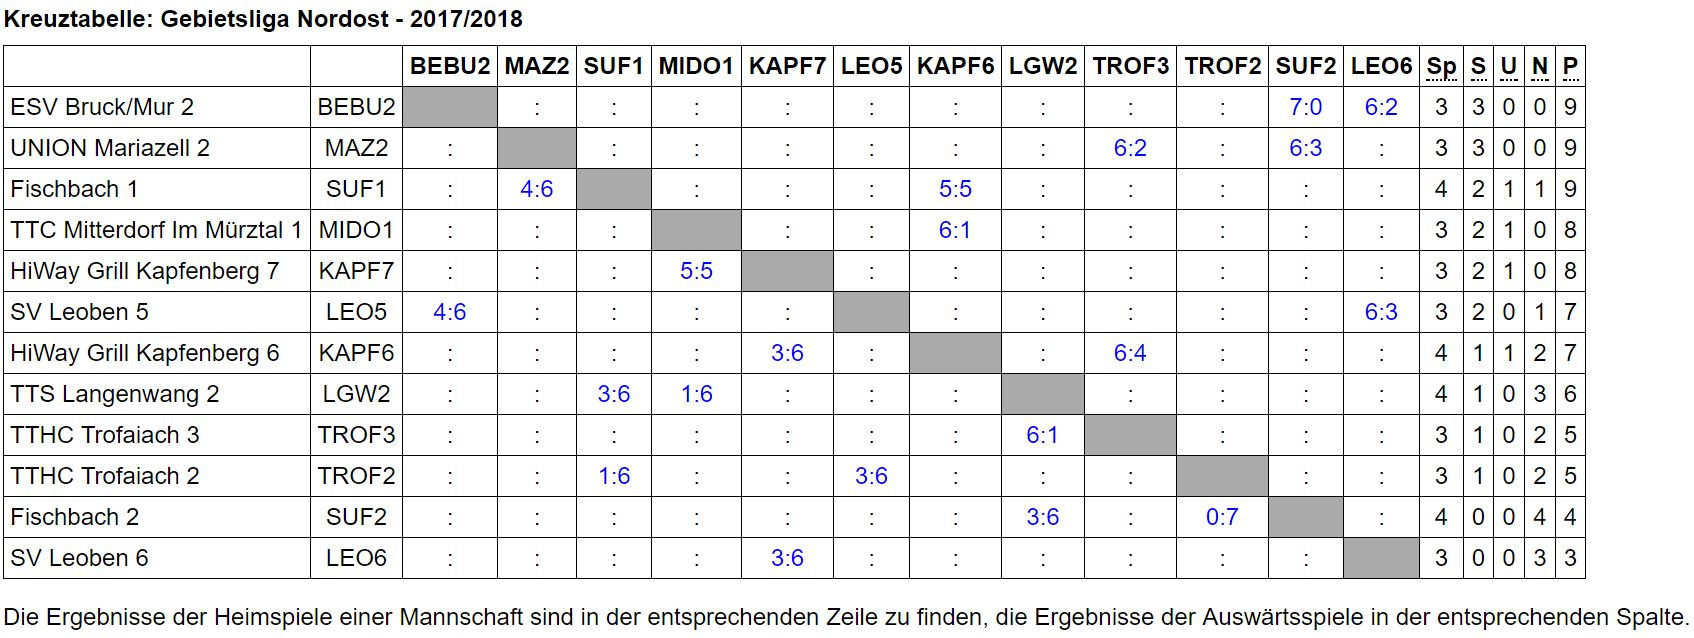 Kreuztabelle Gebietsliga